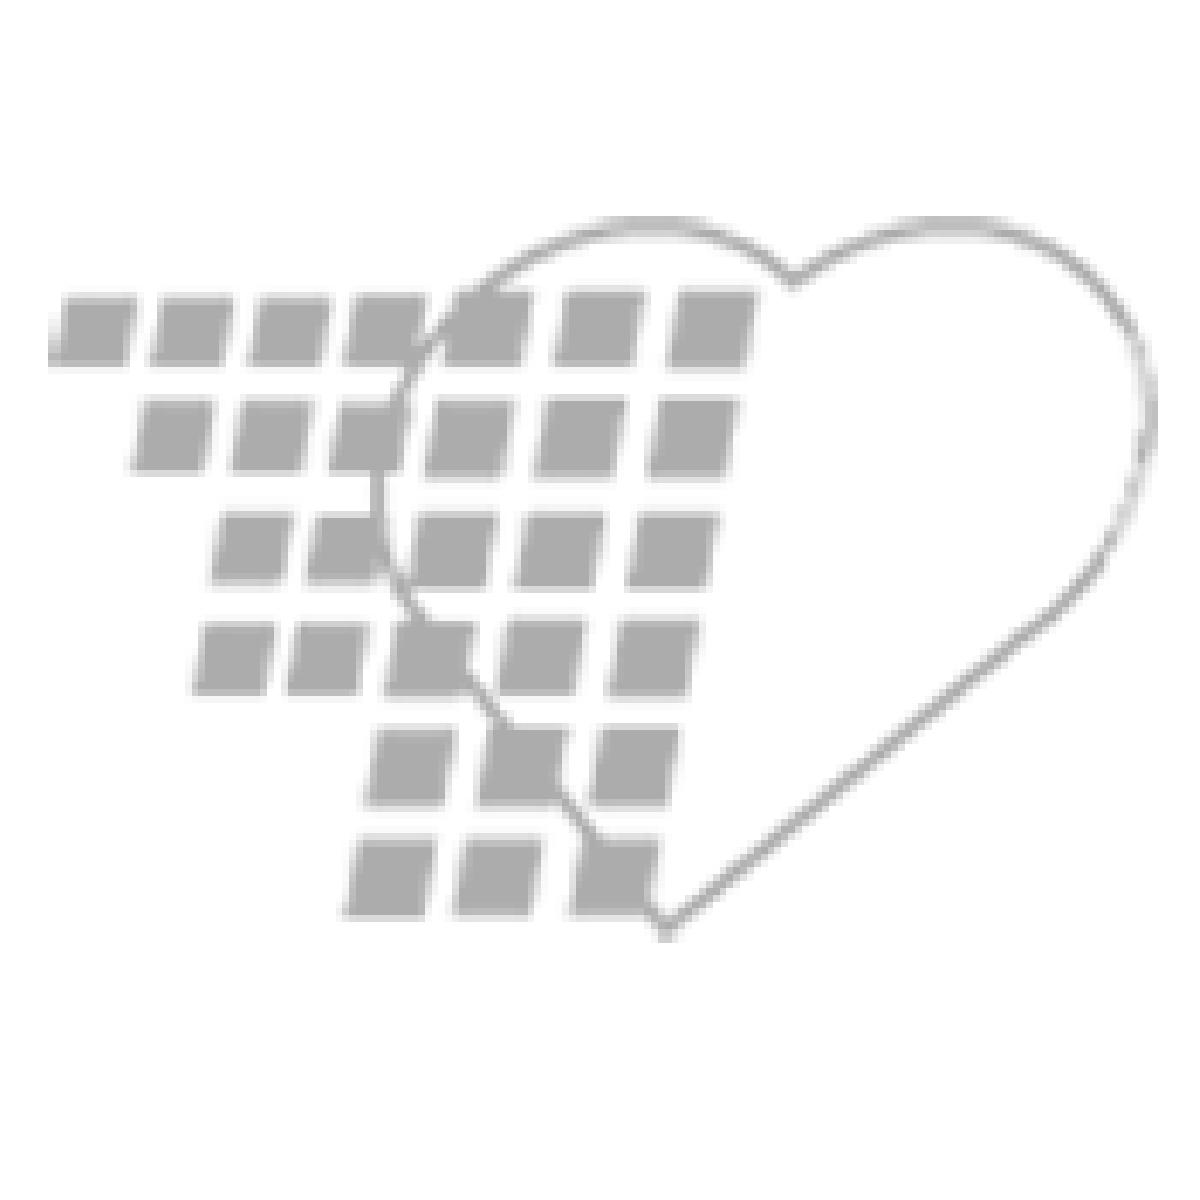 07-71-1558 Ohmeda Air Flowmeter